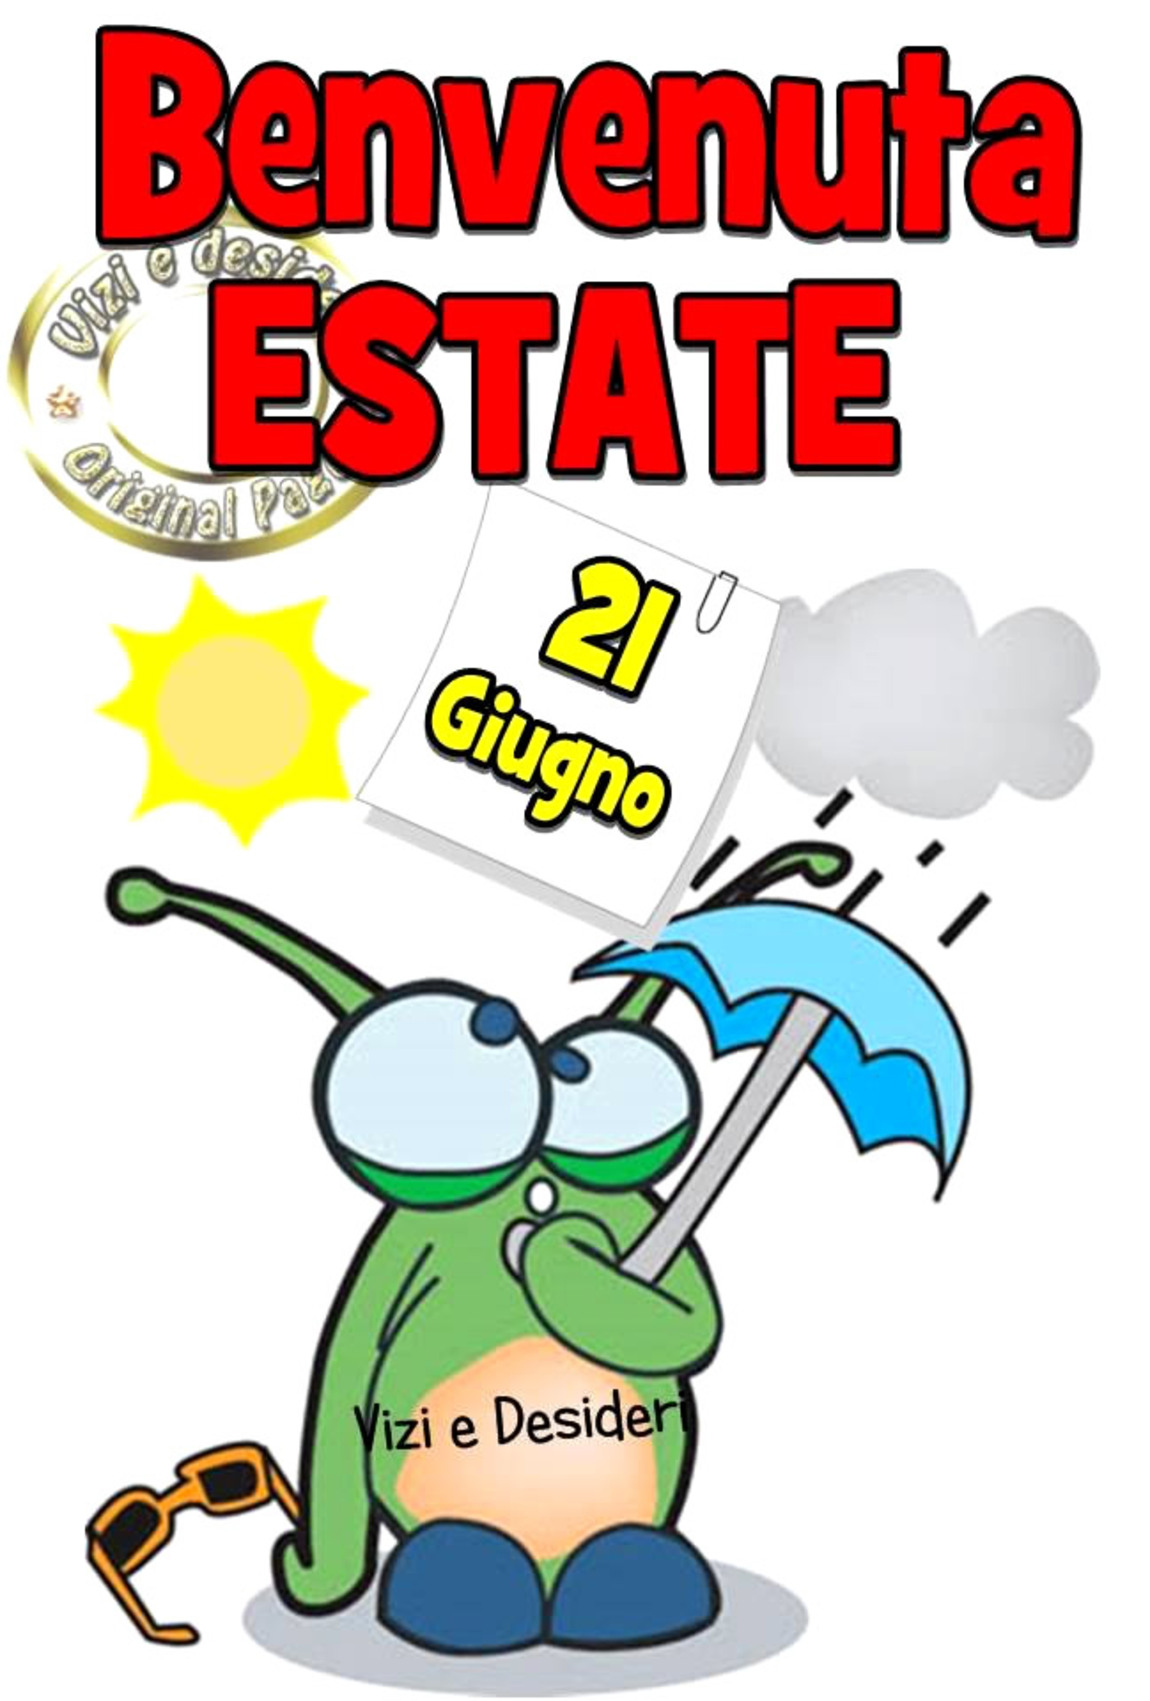 Benvenuta Estate 21 Giugno